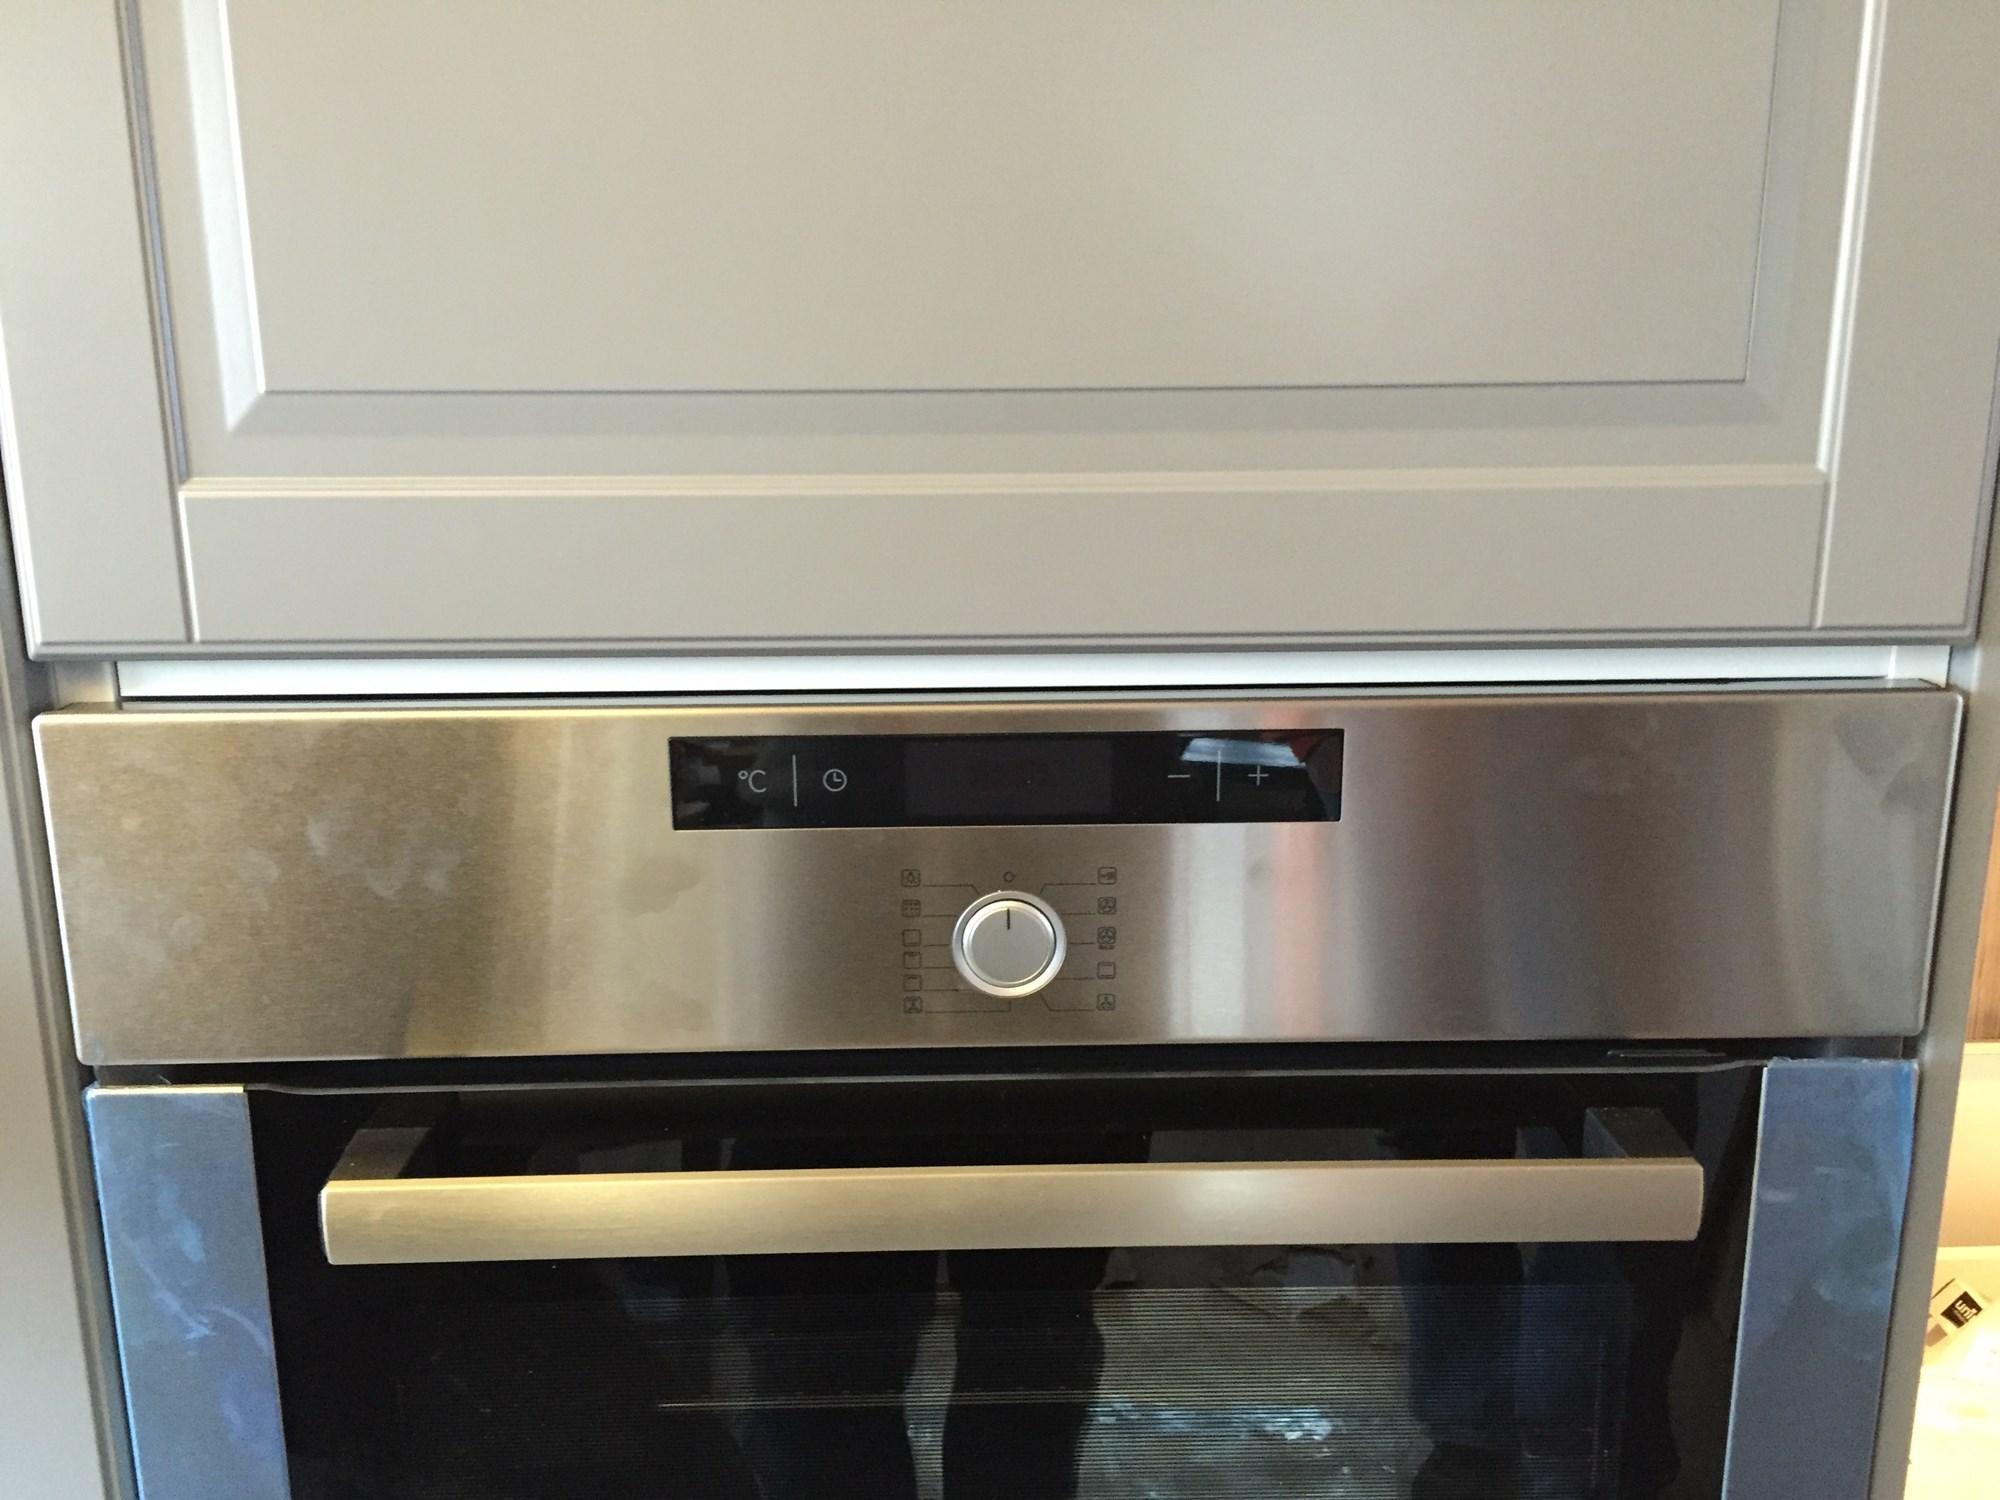 ikea kjokken bosch oppvaskmaskin  : Mellomrom/glis over komfyr i IKEA h?yskap?